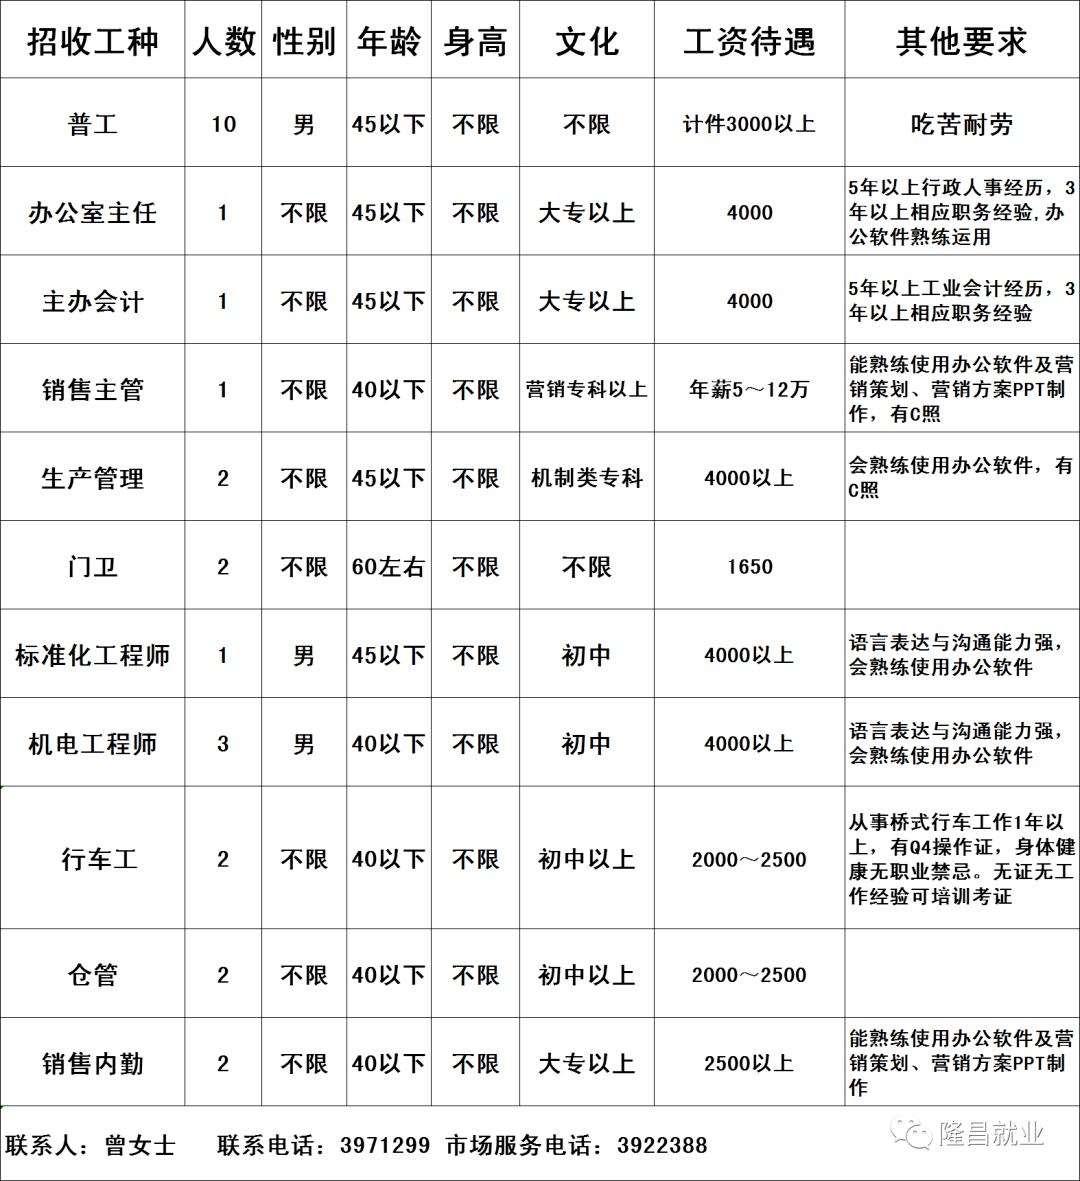 【招聘公布】隆昌近期热门岗位集锦(第